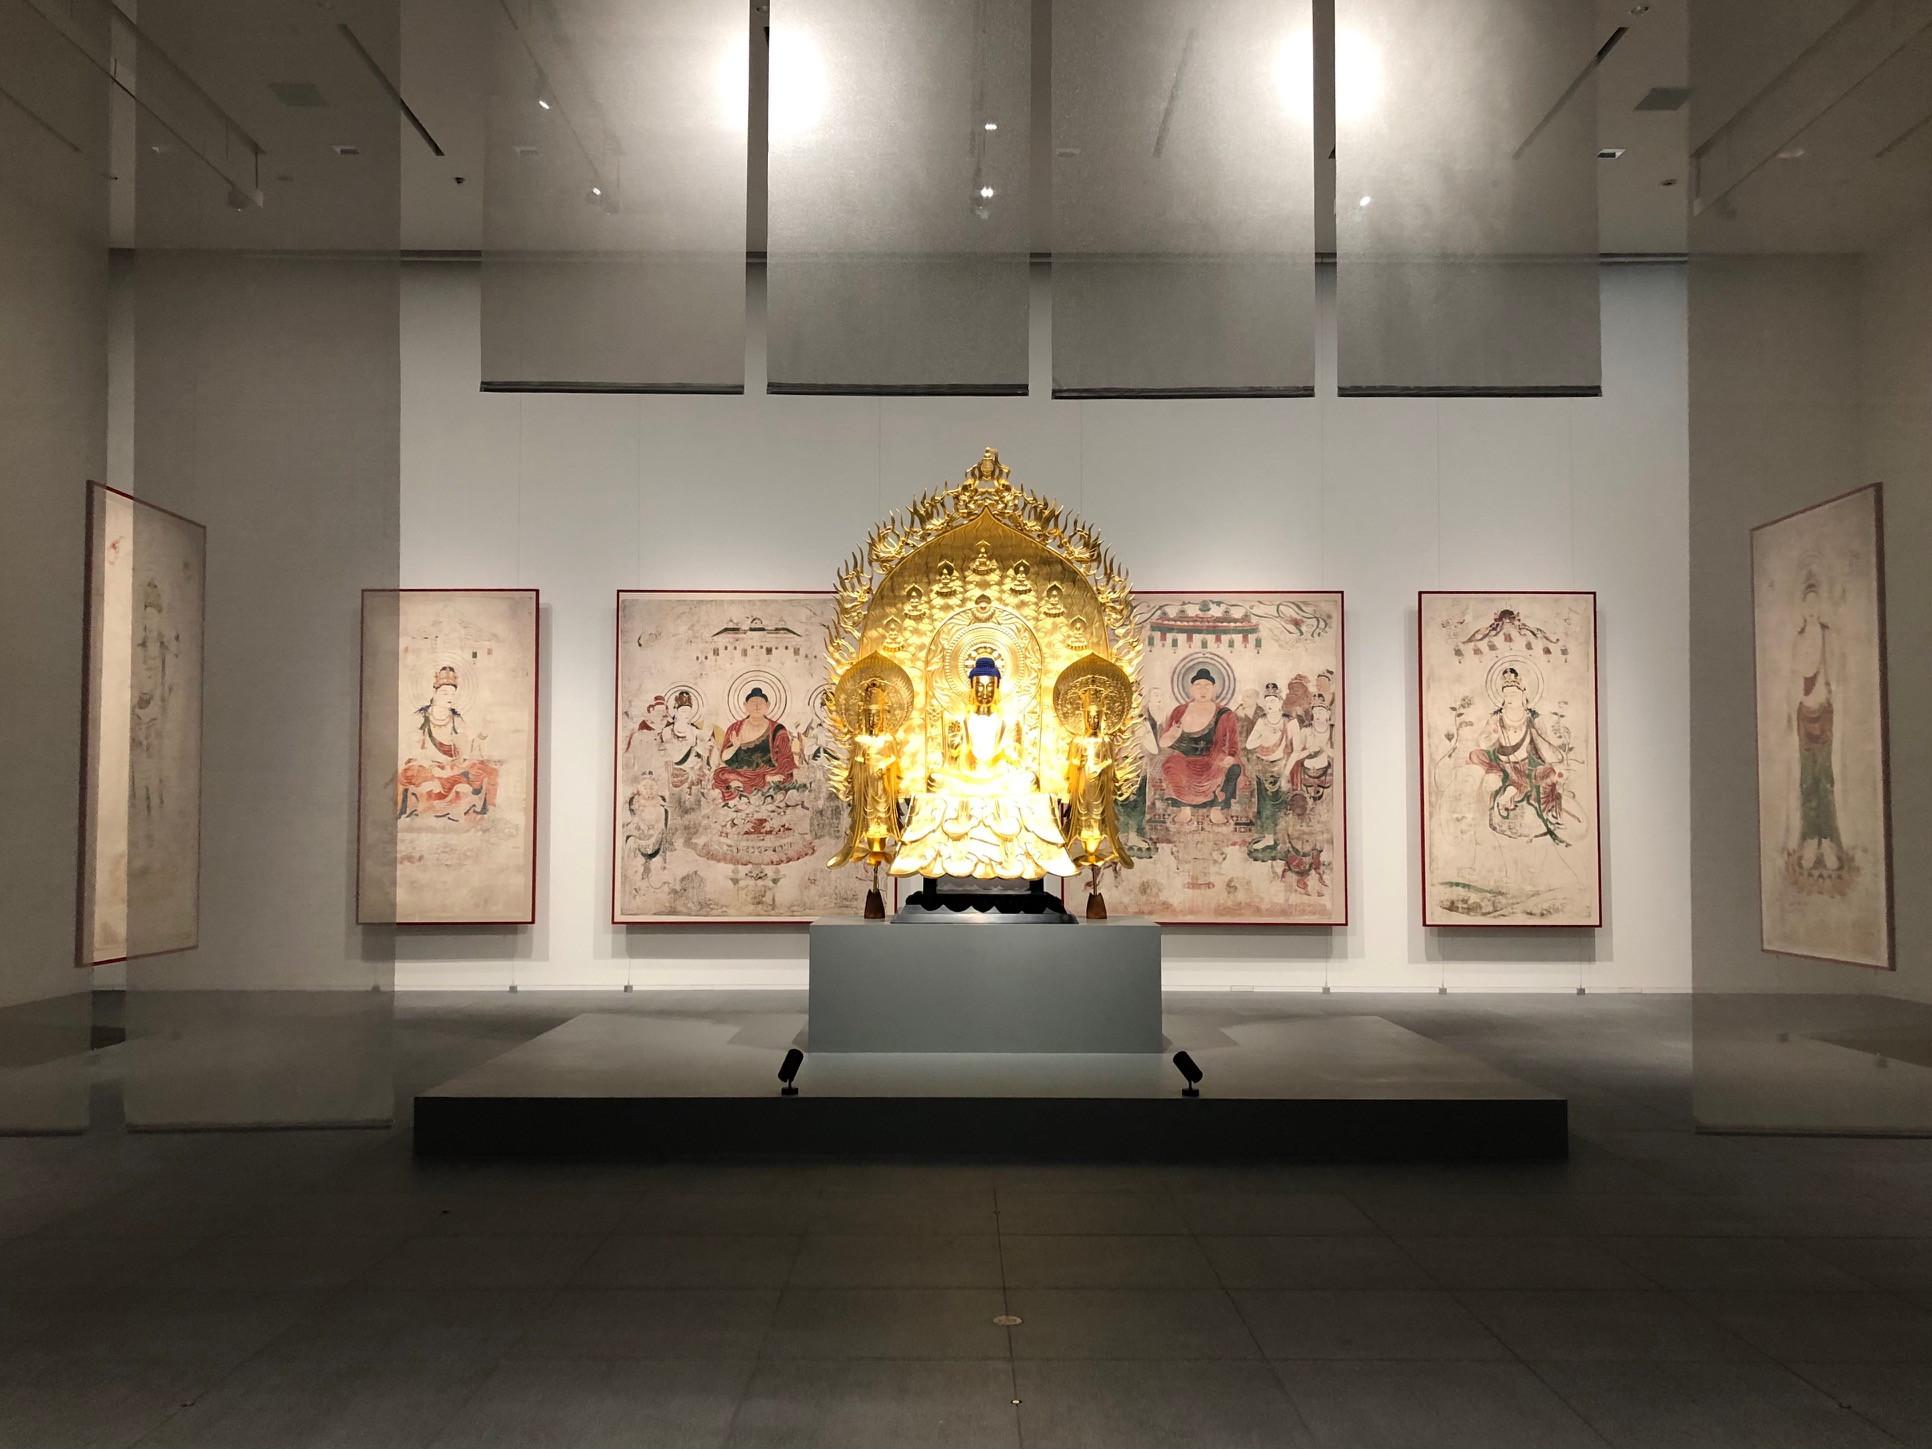 「未来につなぐ~新美術館でよみがえる世界の至宝 東京藝術大学スーパークローン文化財展」